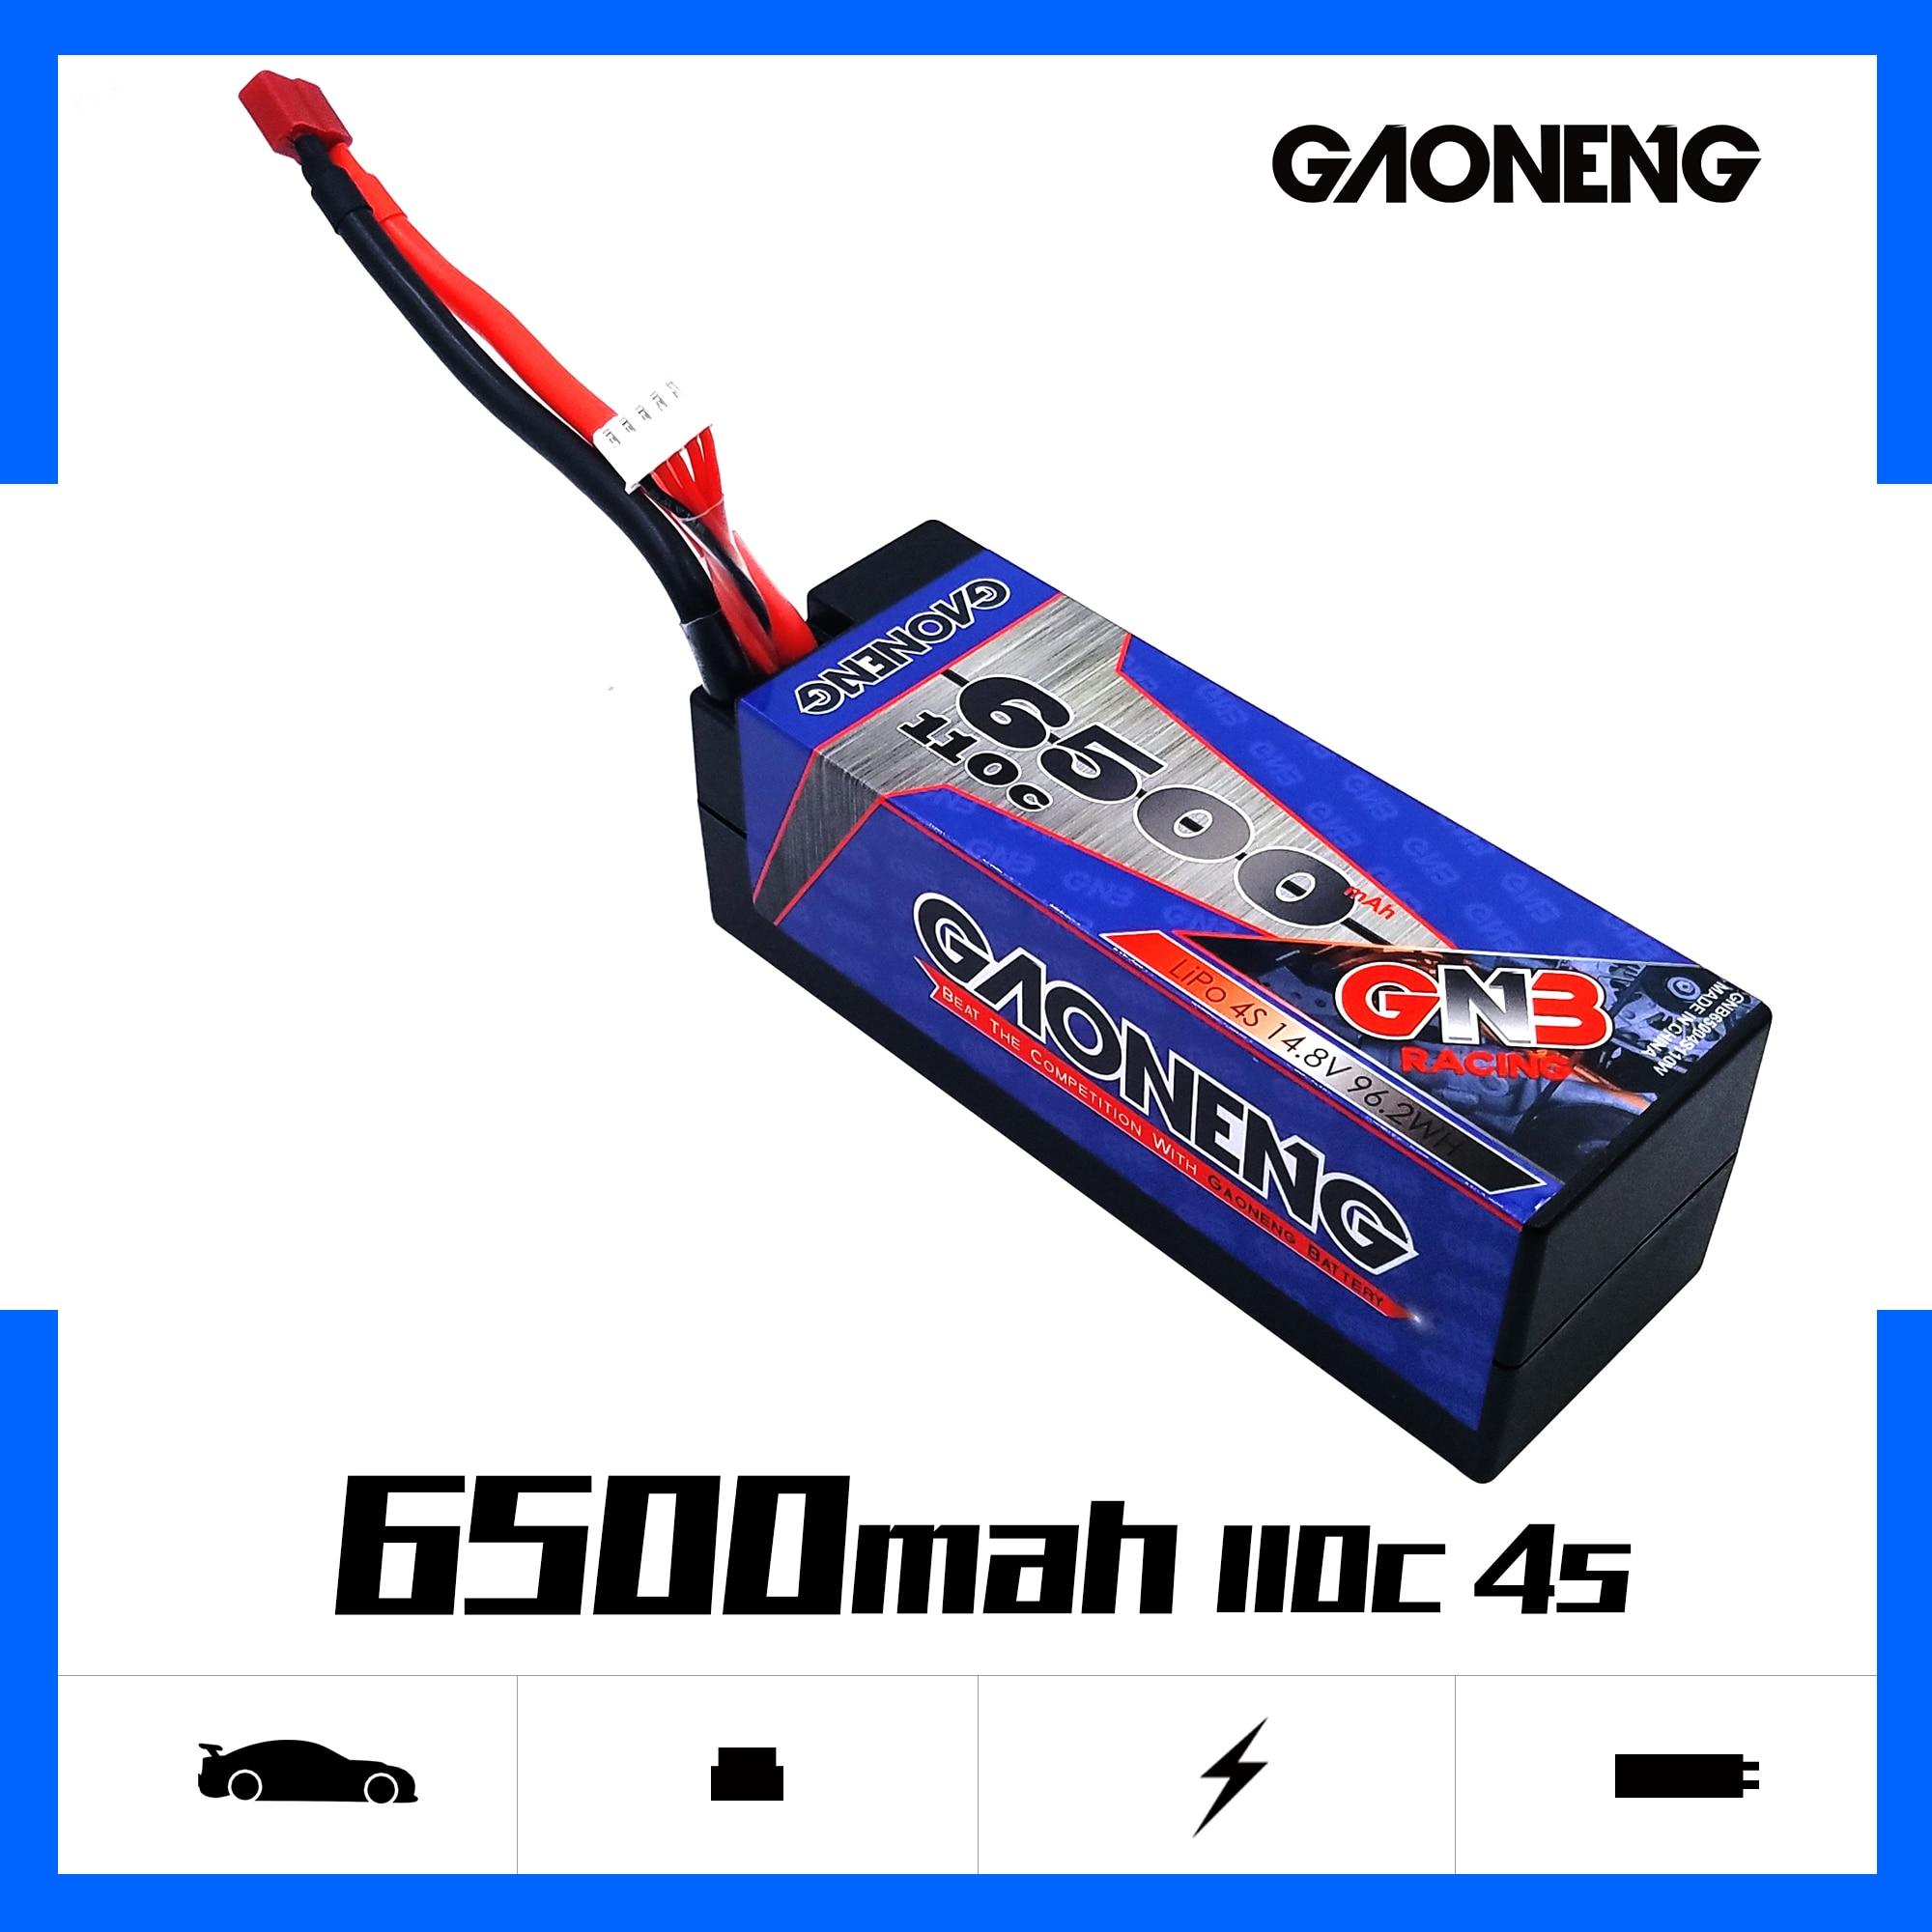 Gaoneng GNB 6500mAh 4S 14,8 V 110C/220C твердый корпус LiPo батарея T Разъем для RC HPI HSP 1/8 1/10 багги RC автомобиль Грузовик Рок Гусеничный